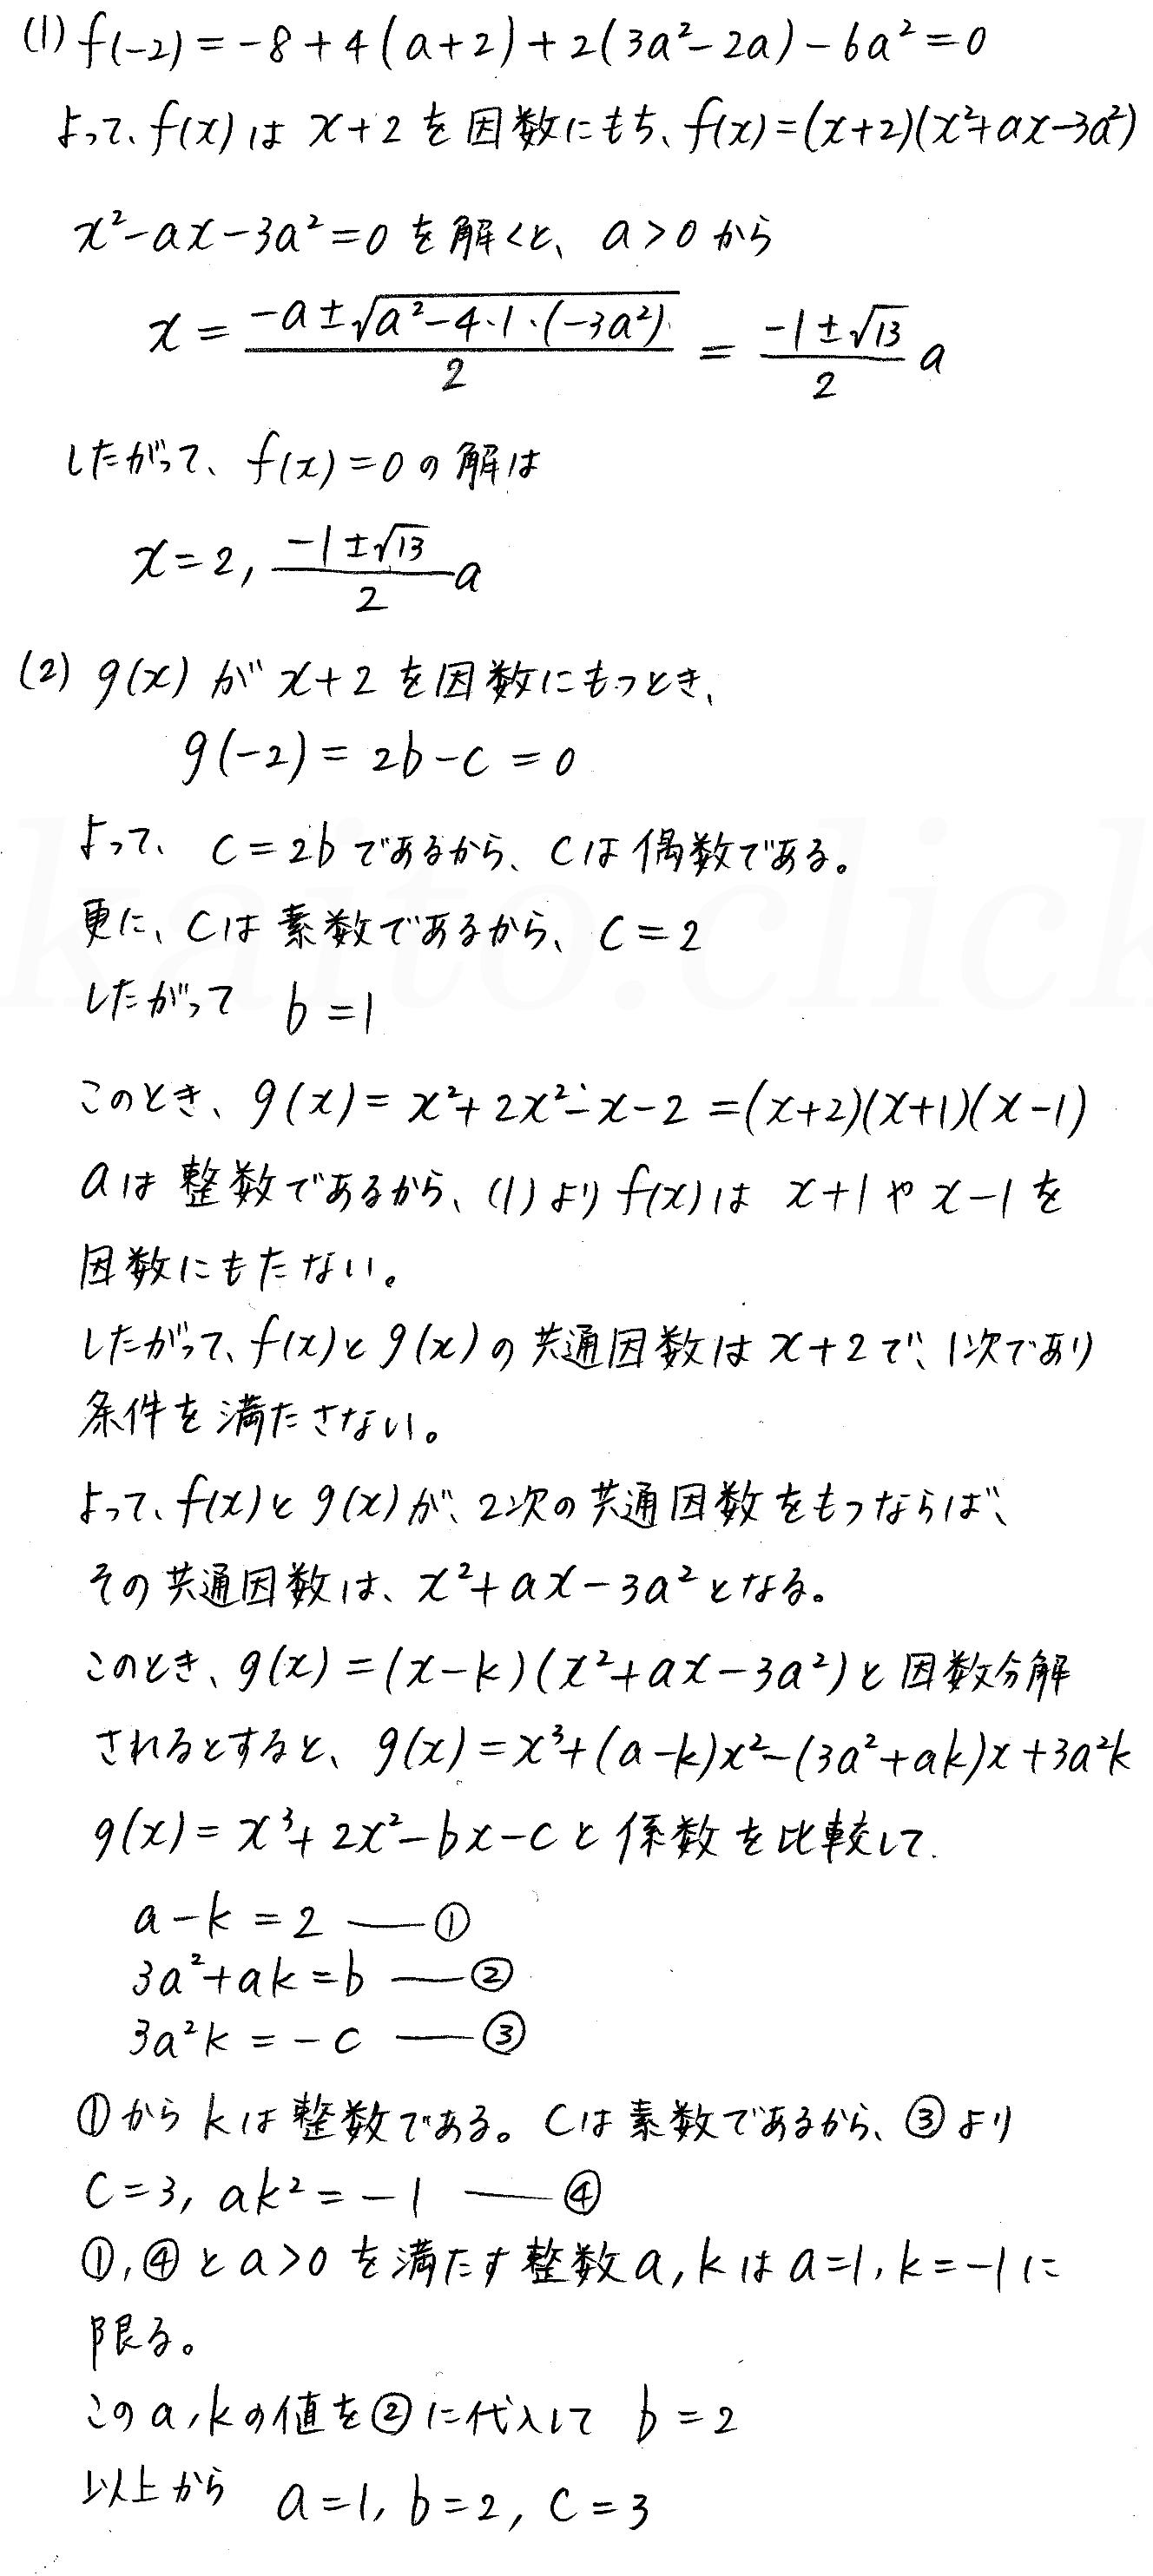 クリアー数学演習12AB受験編-41解答